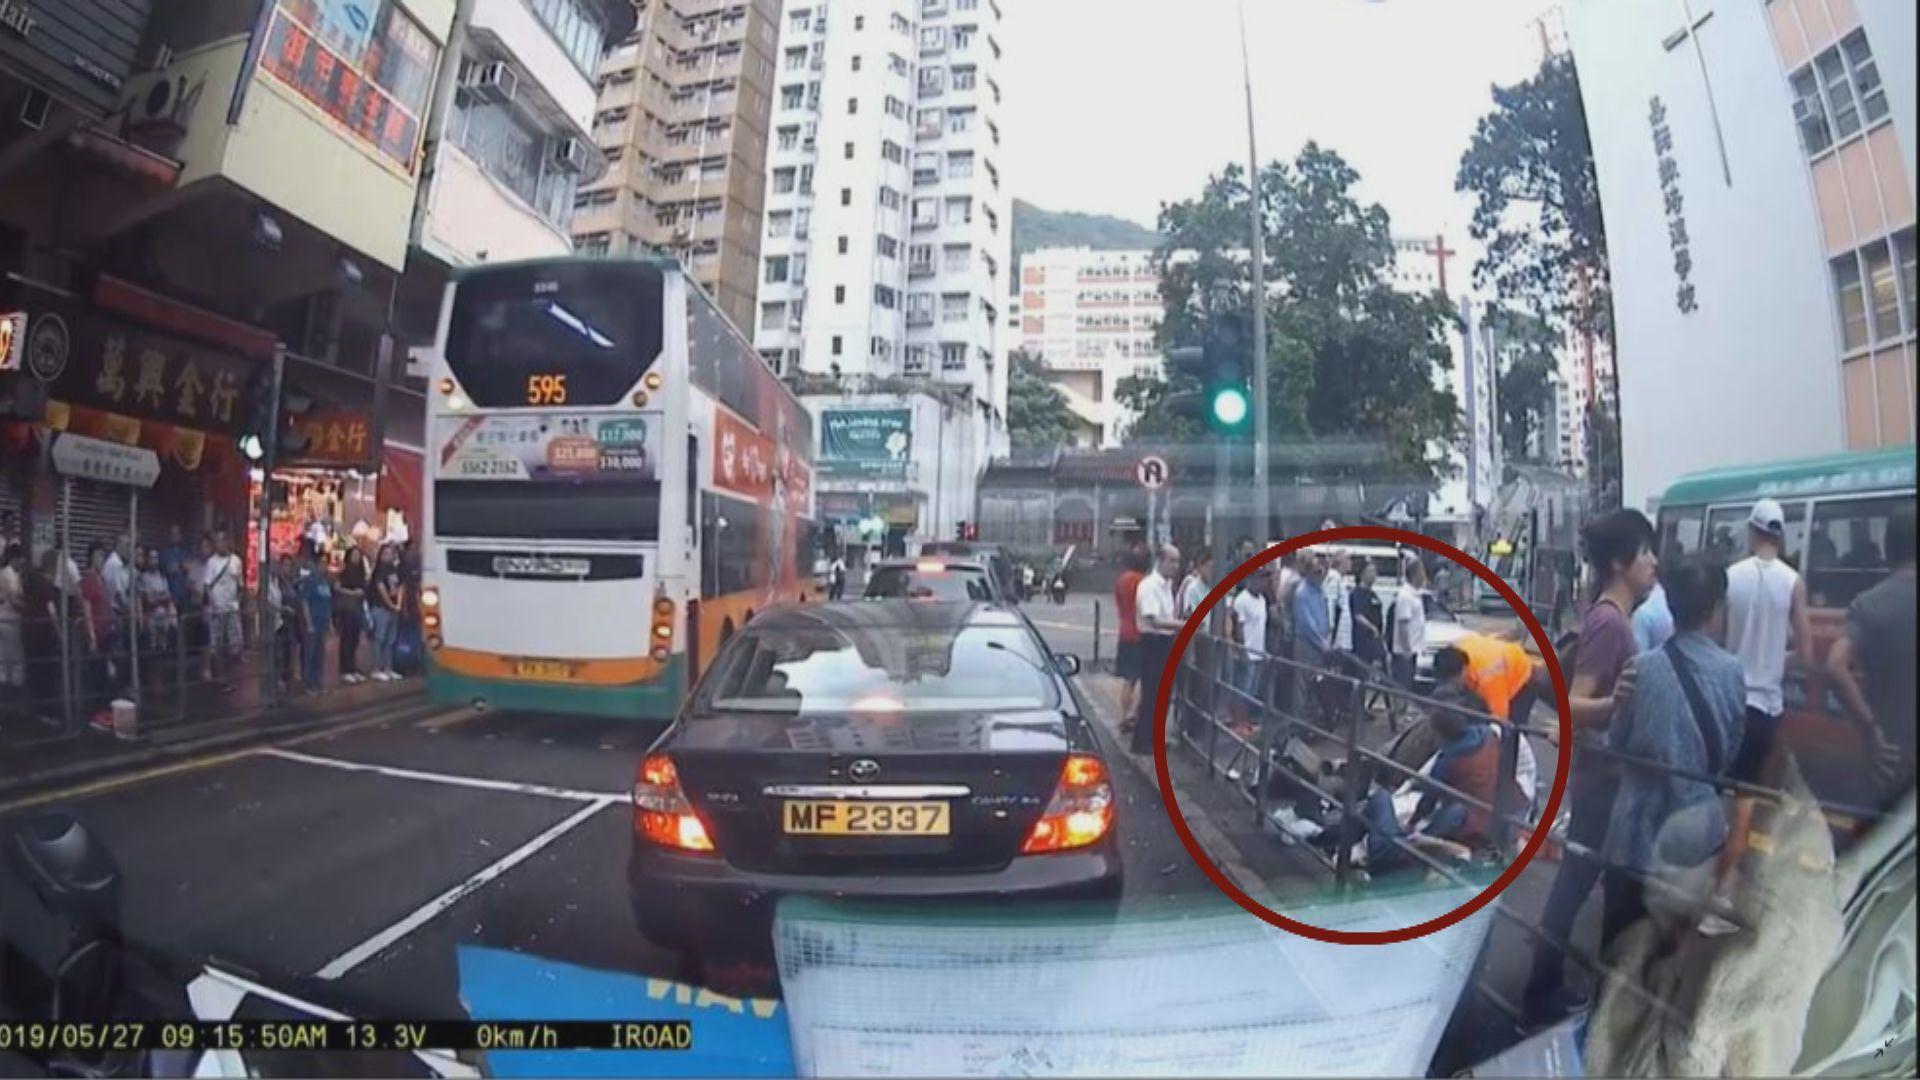 【最新‧有圖】香港仔有的士剷上行人路至少九傷